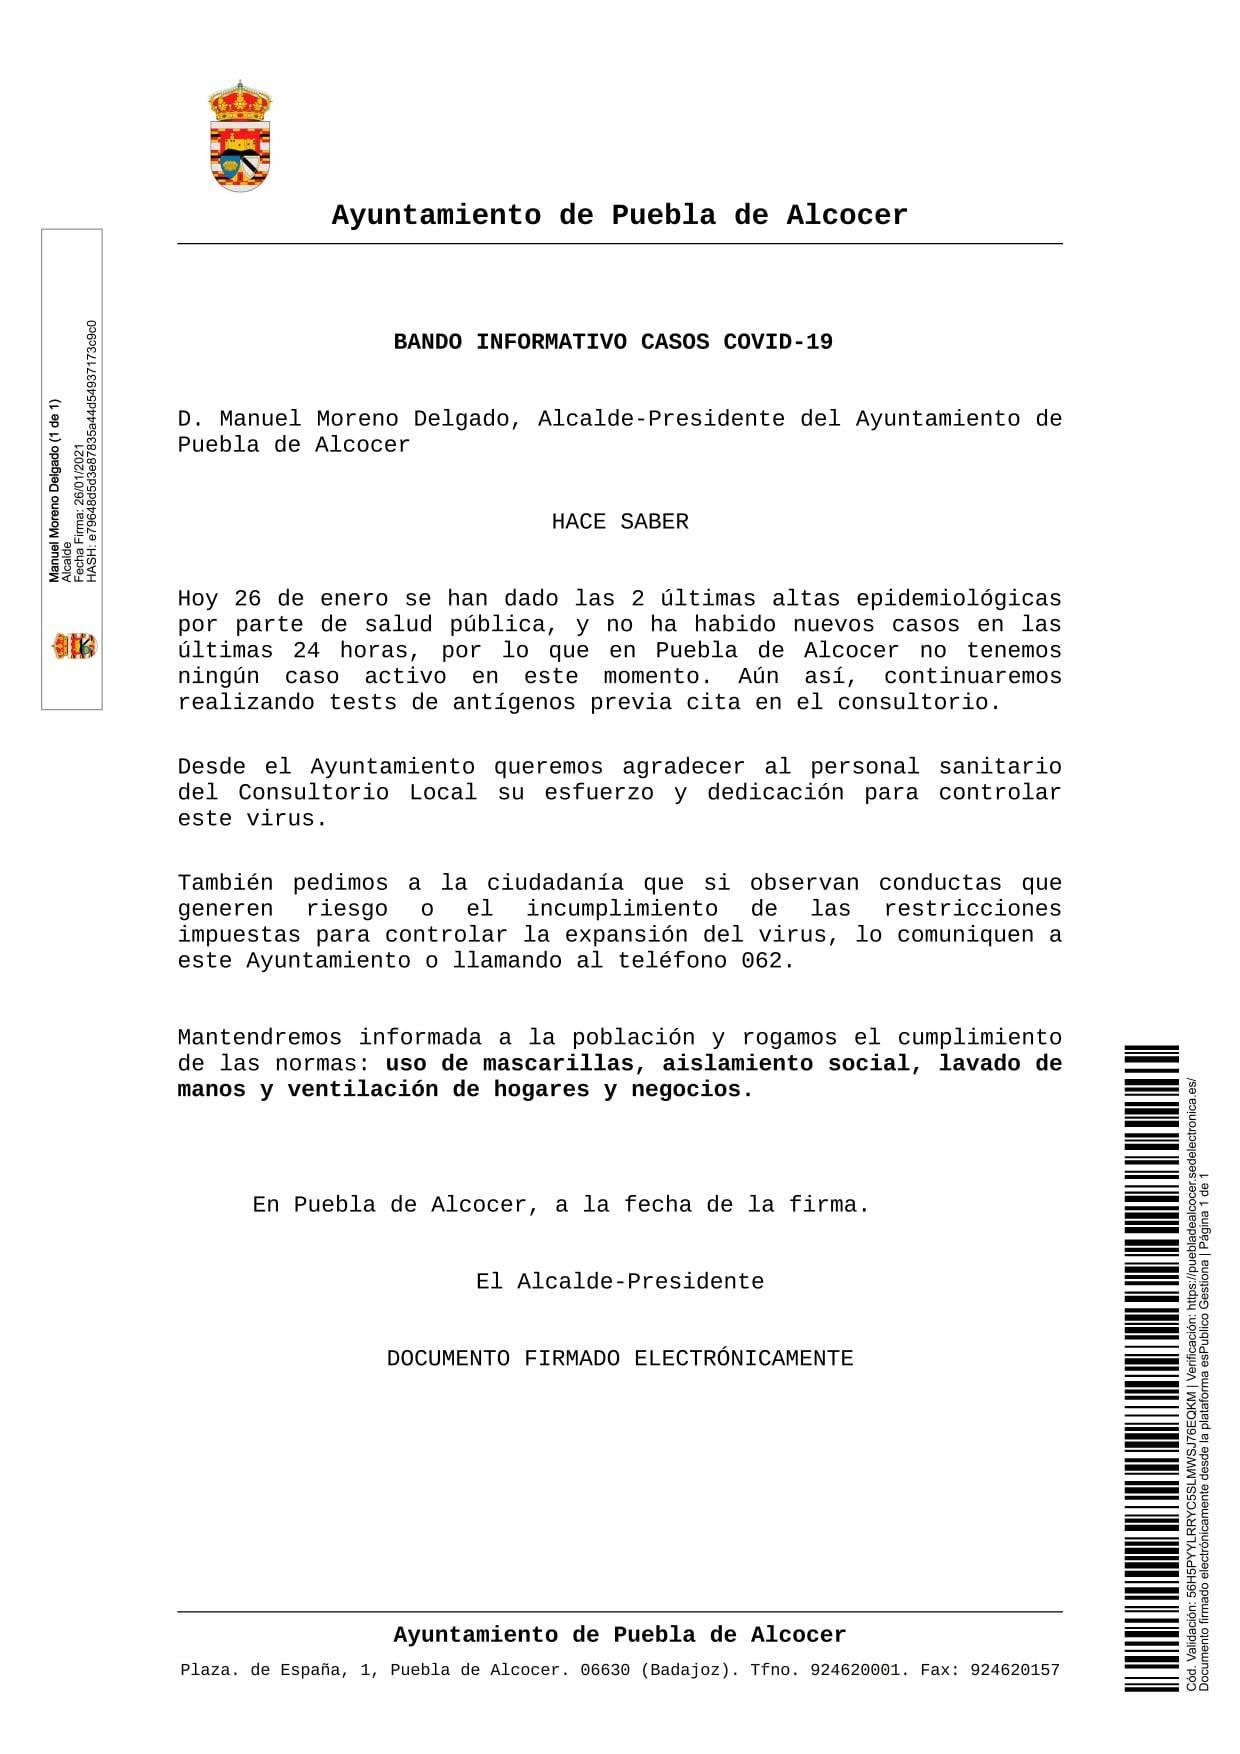 Libre de COVID-19 (enero 2021) - Puebla de Alcocer (Badajoz)